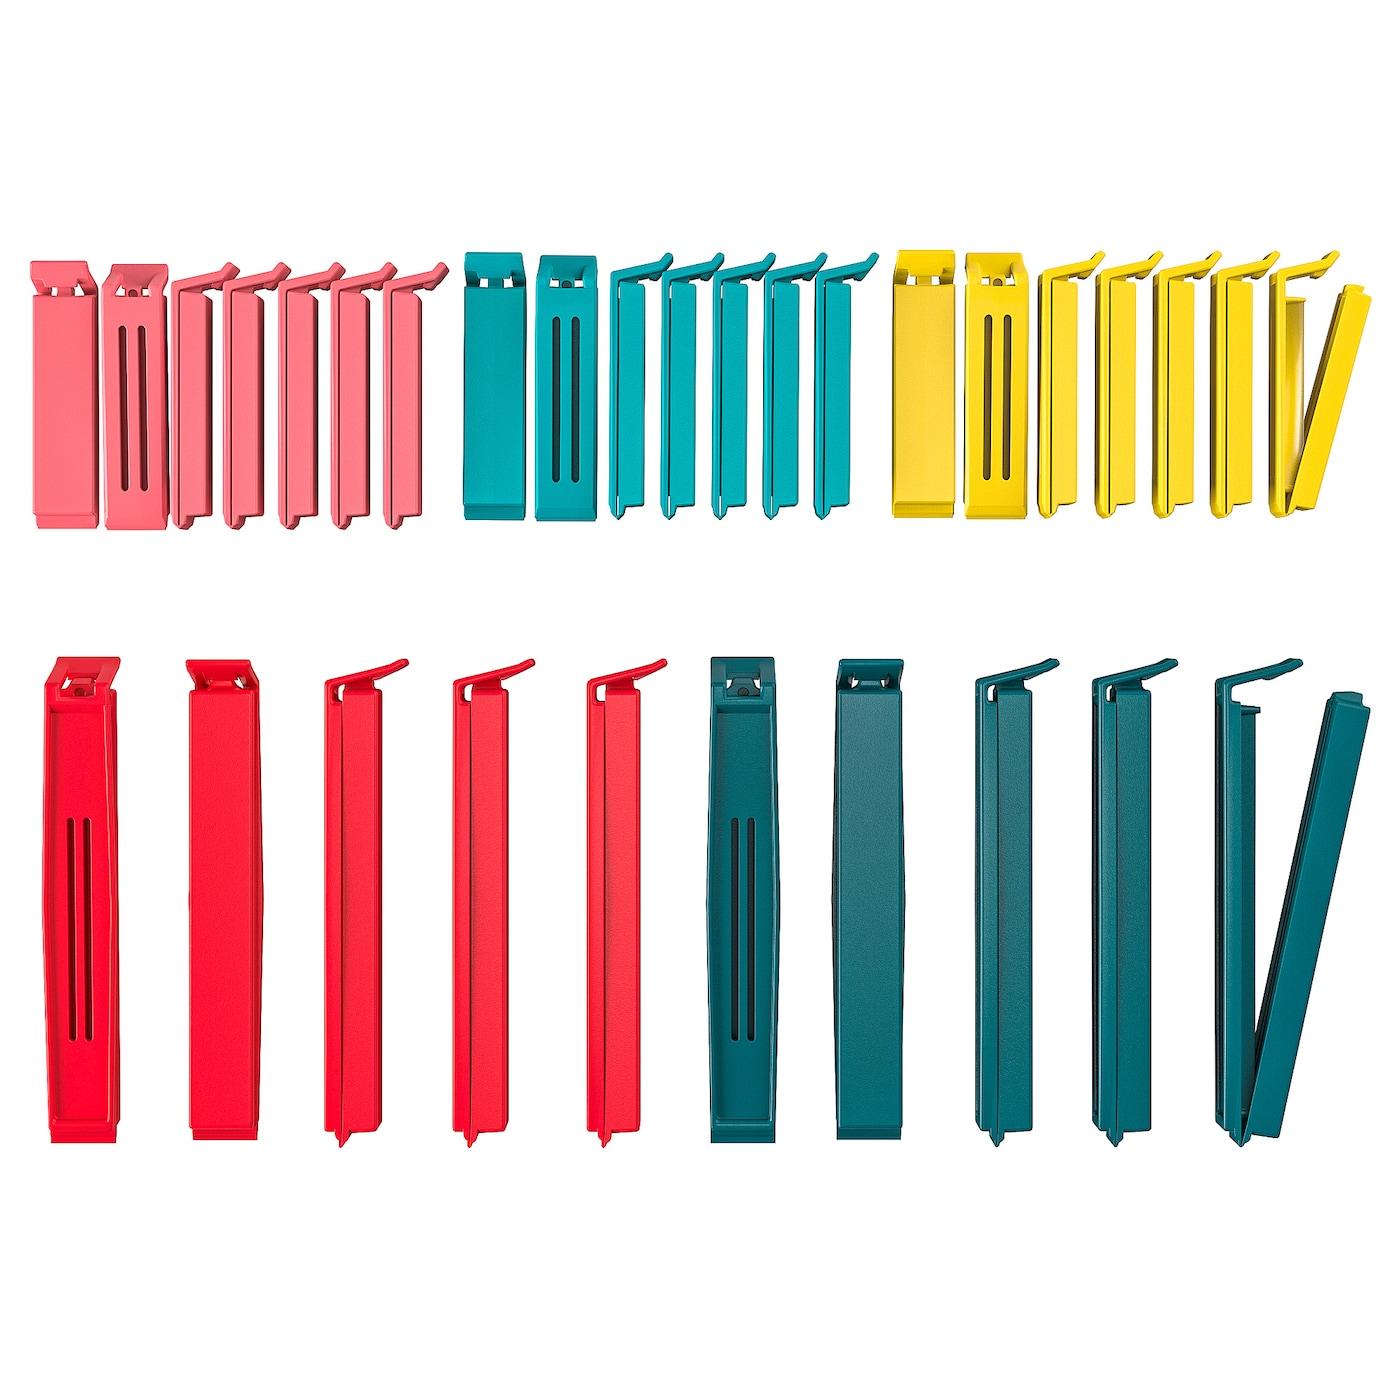 IKEA 宜家 903.391.72 贝瓦拉封口夹套装 30件套 多色混合尺寸